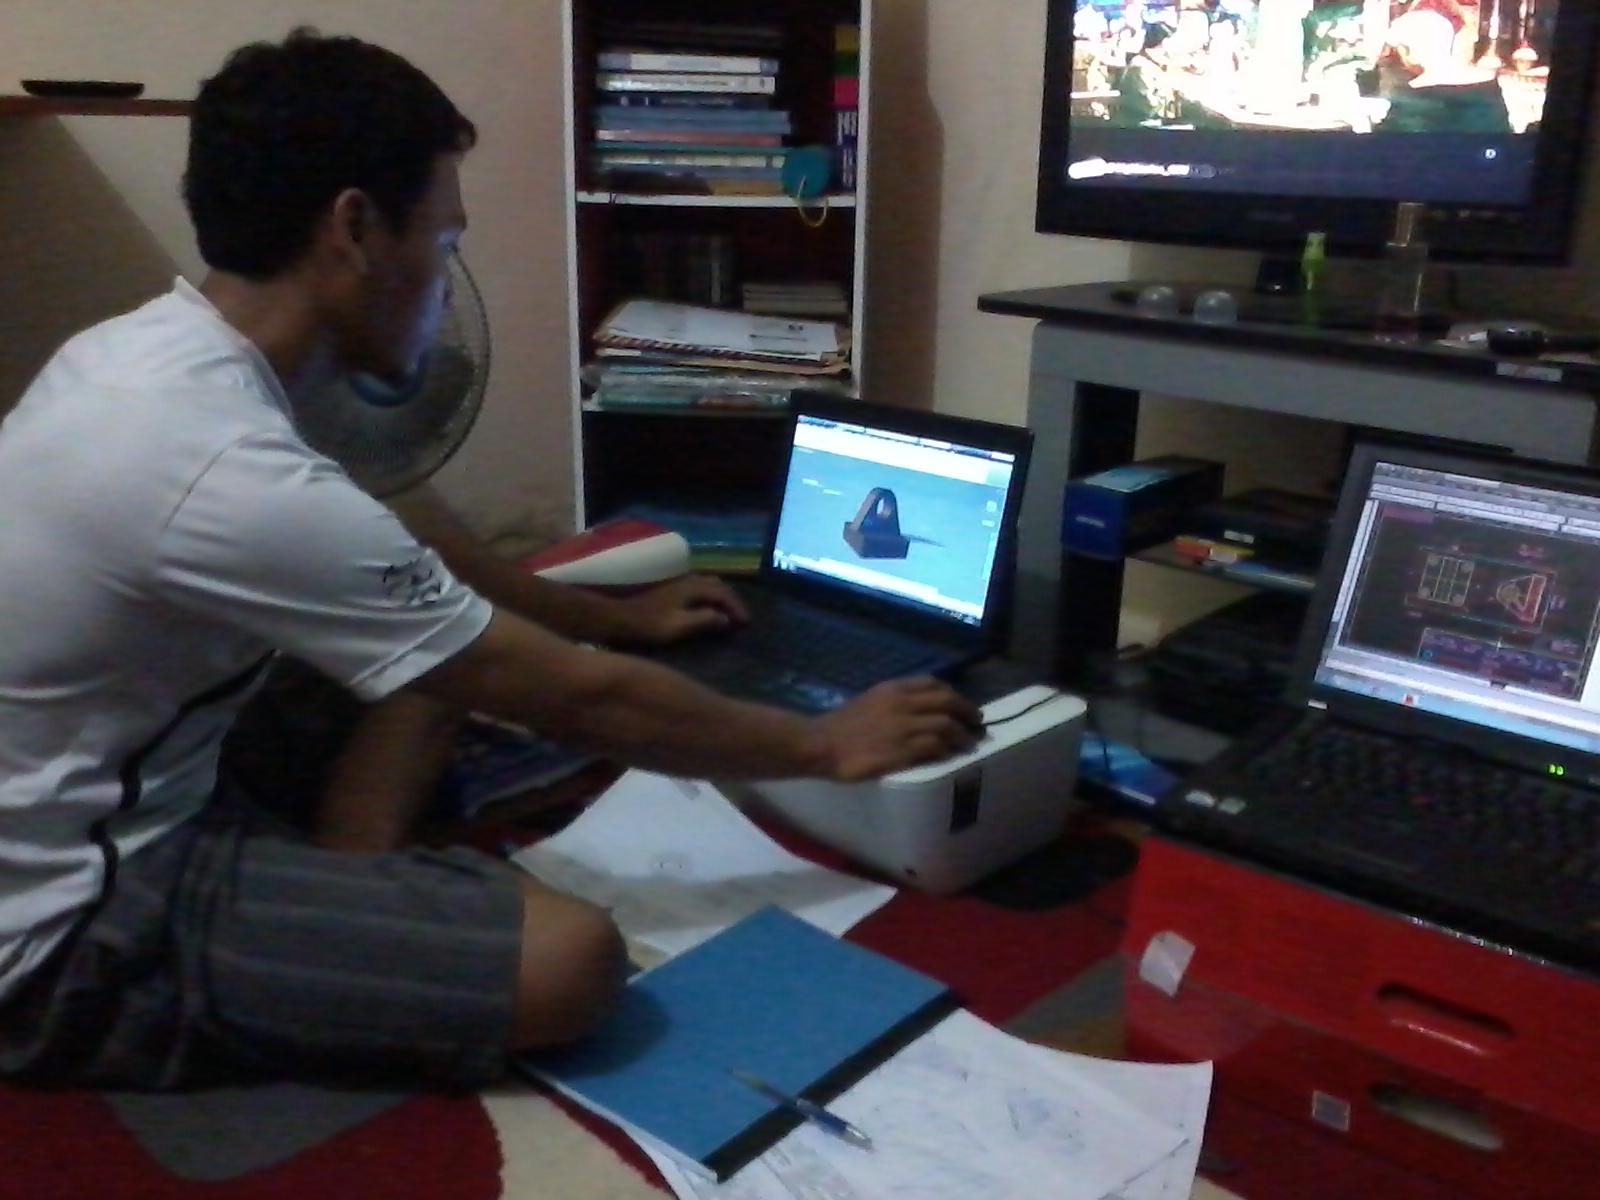 Kursus Private AutoCAD 2D Mechanical Pasar Minggu Jakarta Selatan